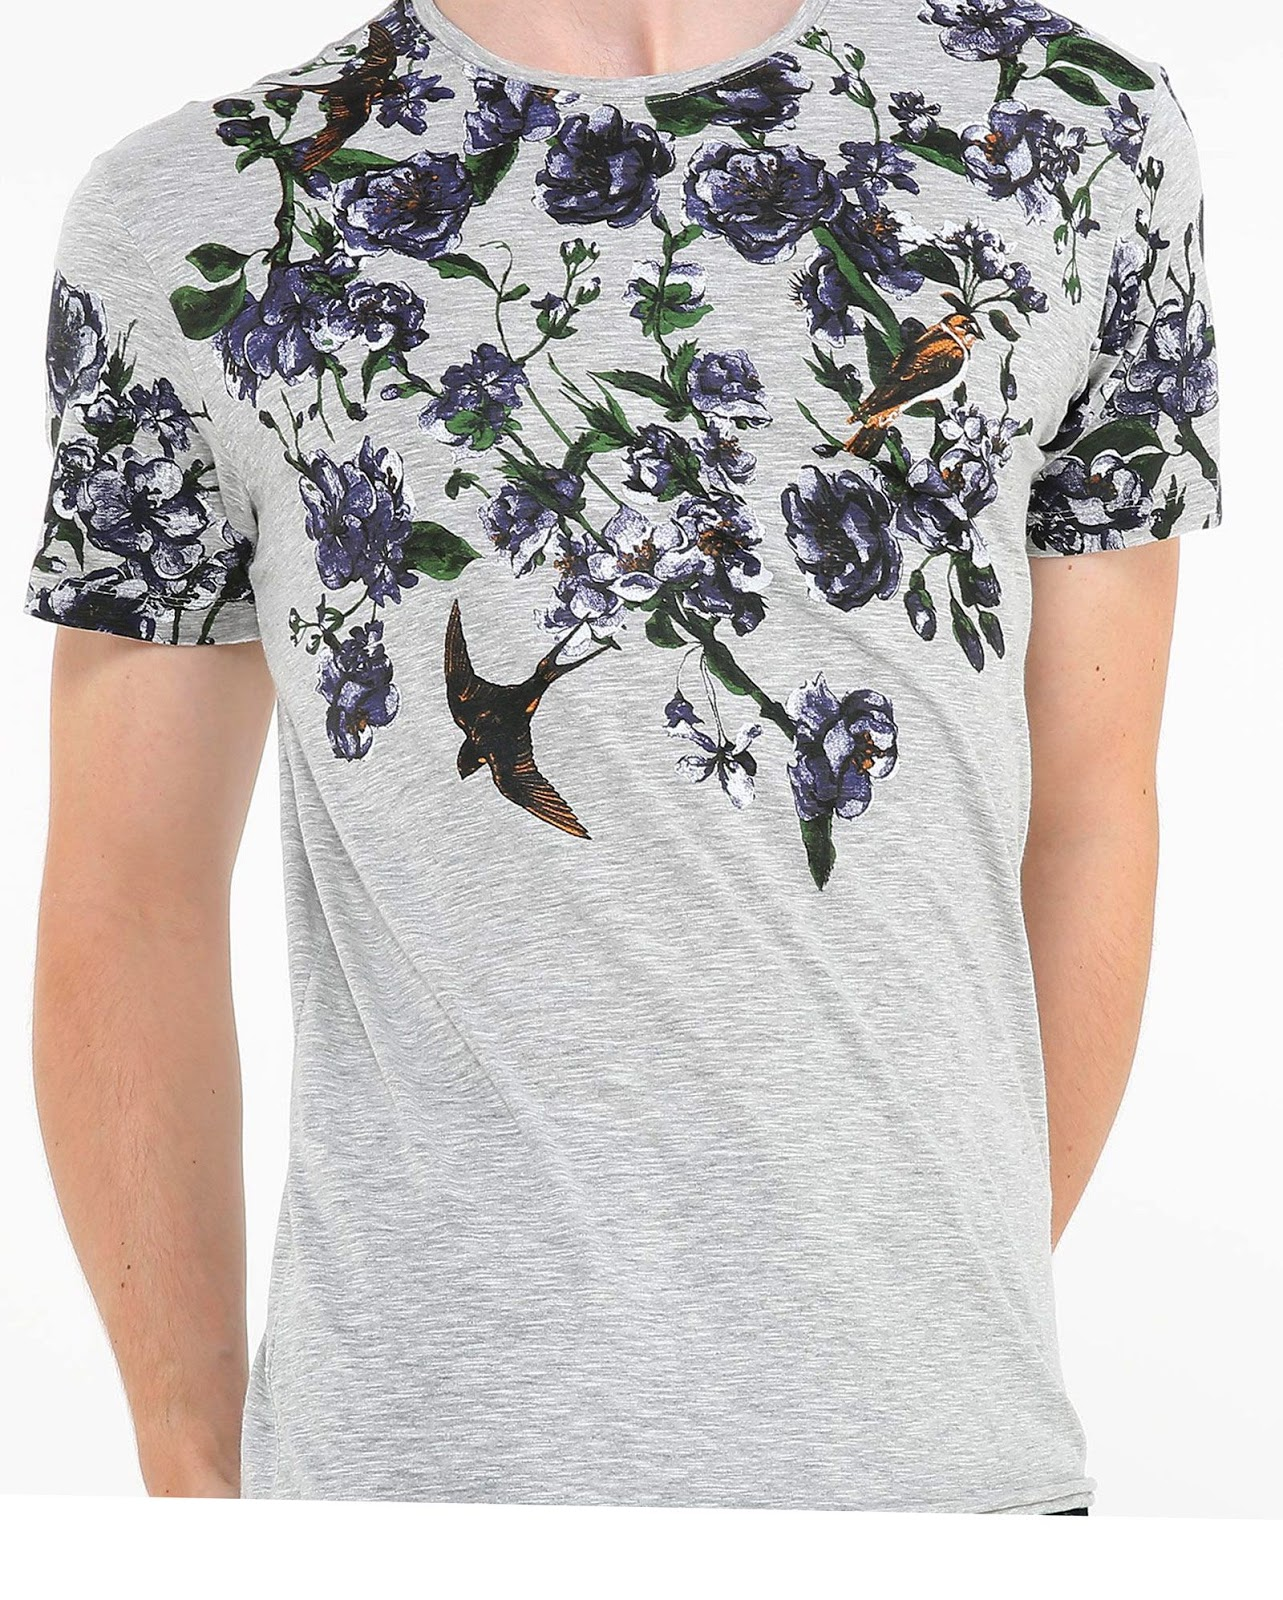 LEO KLEIN - KADU DANTAS PARA RIACHUELO - Camiseta Mescla Floral Birds